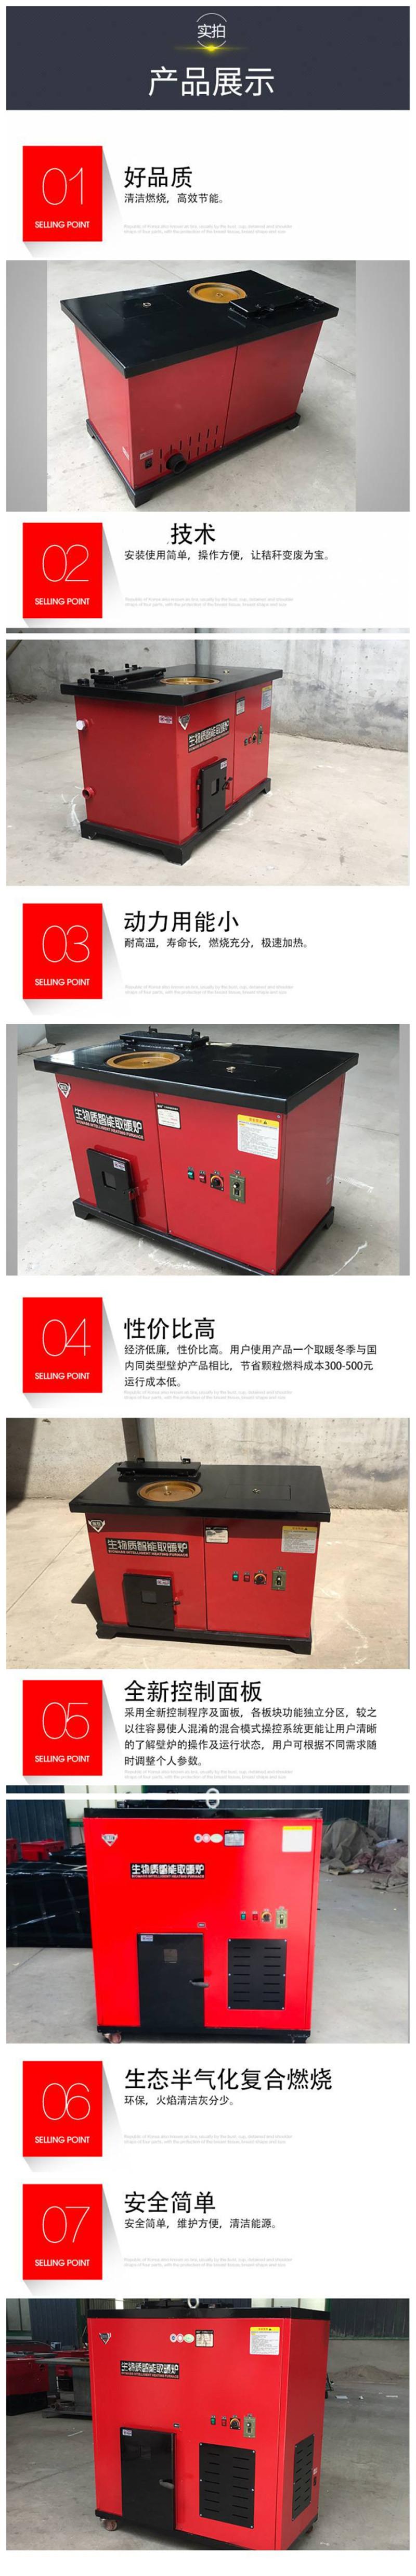 冬季生物质颗粒取暖炉 山东烧水做饭颗粒炉采暖炉122345372